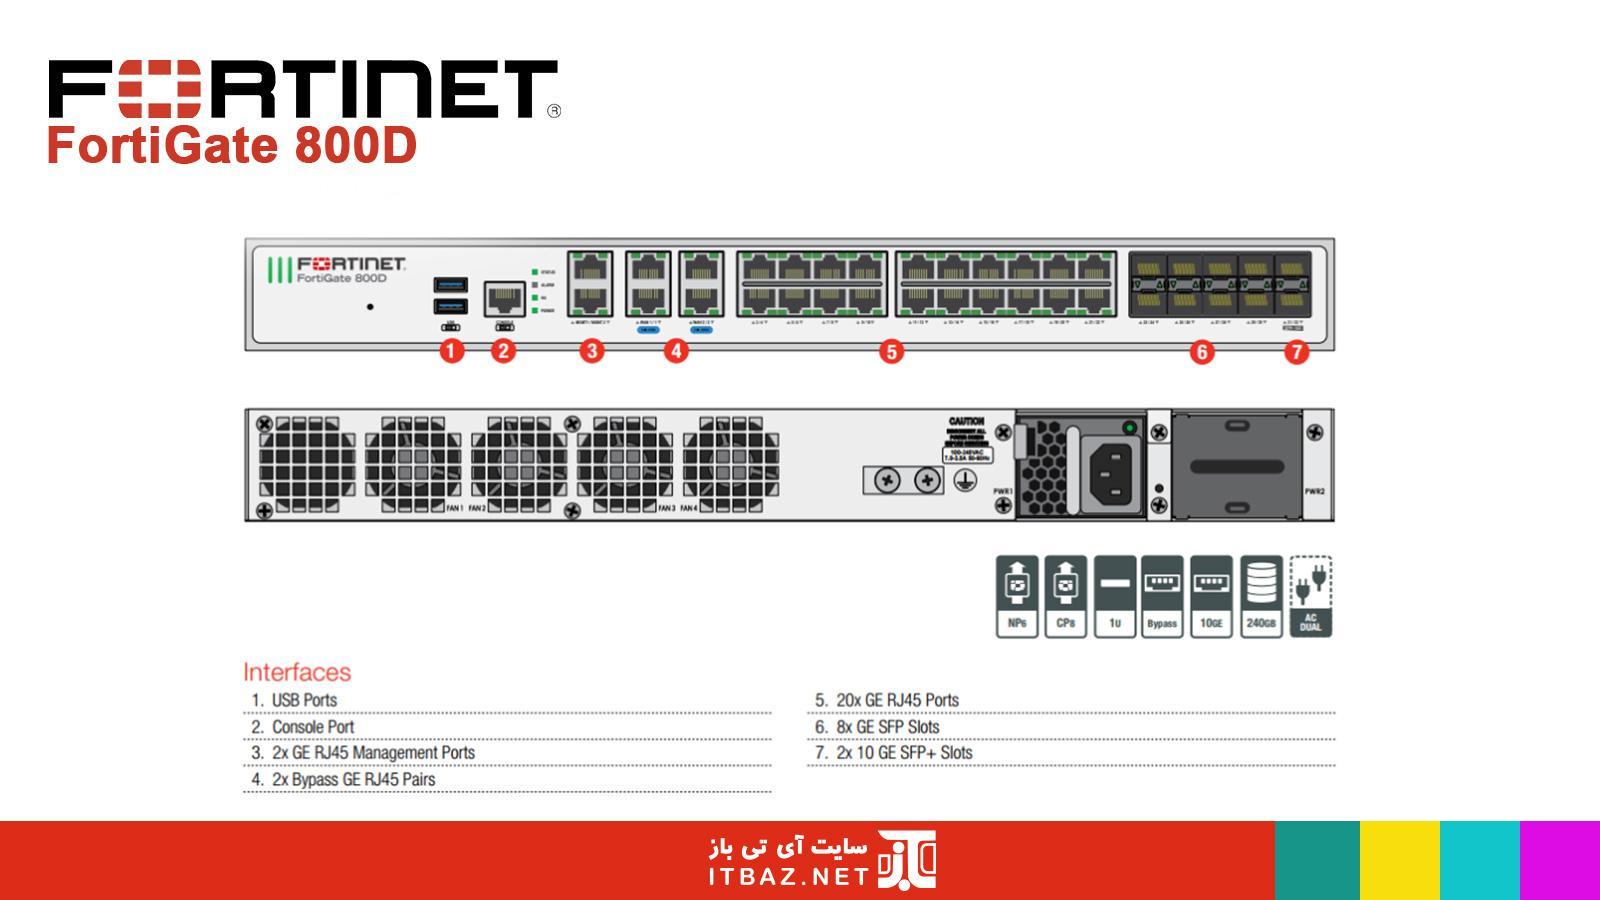 مشخصات پورت های فایروال fortigate 800D